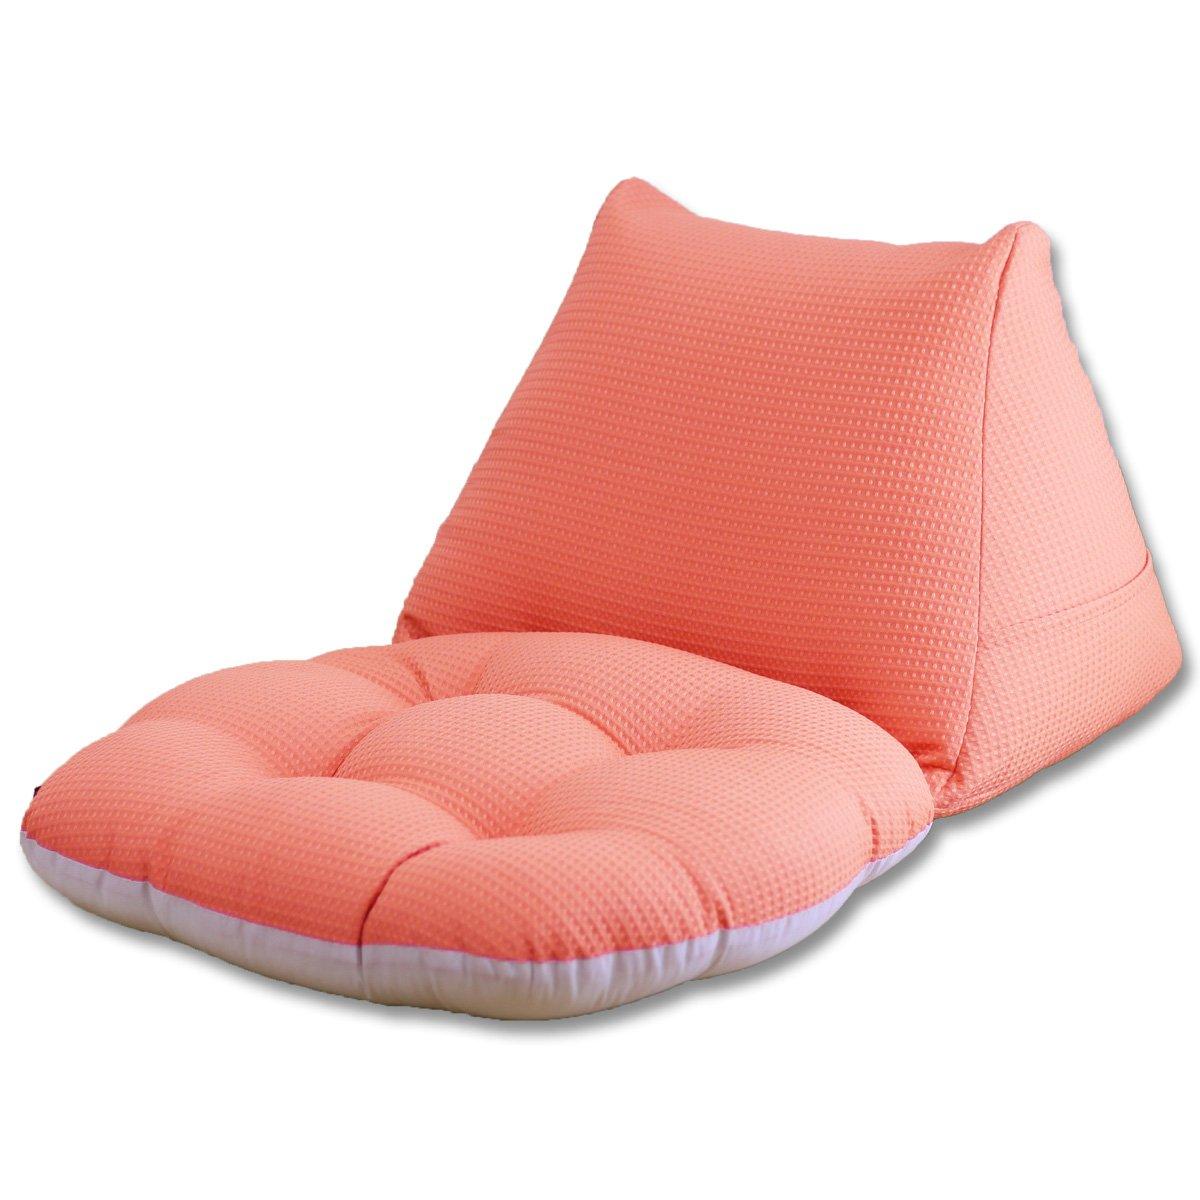 ビーズクッション シート付 BIG こたつ 座卓用 (ピンク) B079GQQXFL ピンク ピンク